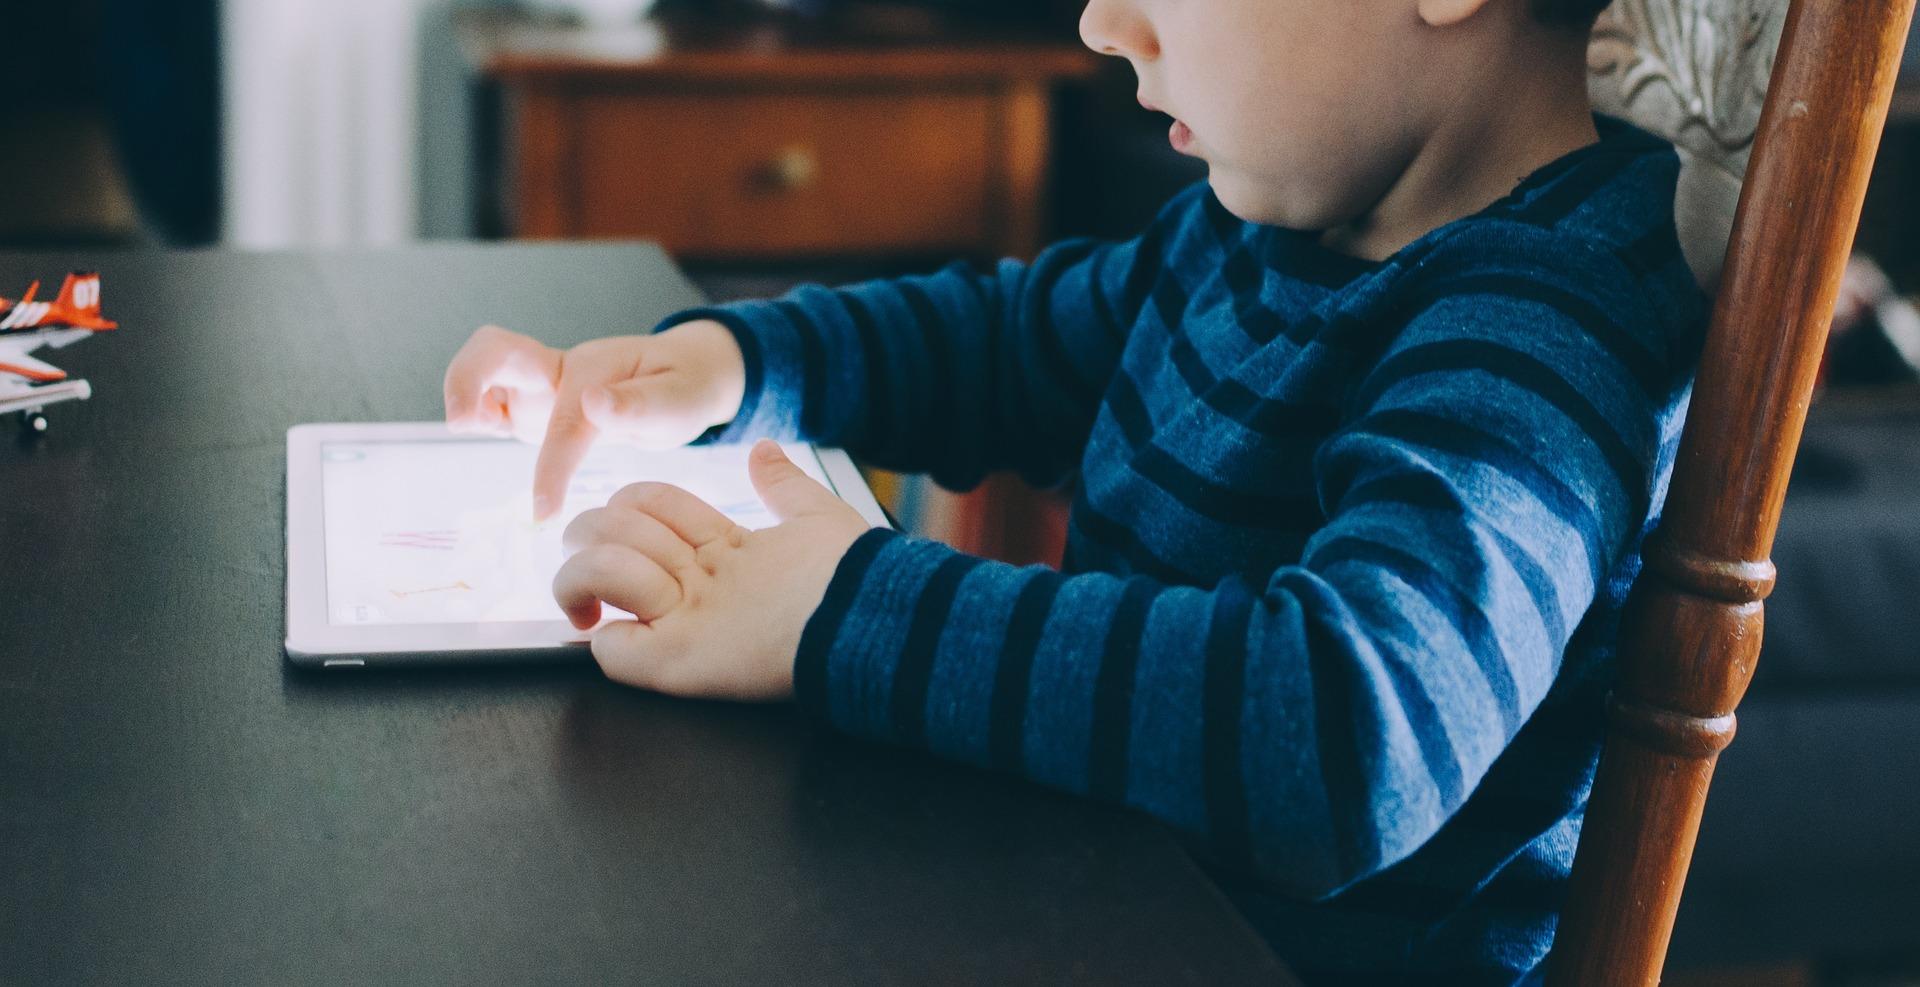 Les effets des écrans sur les enfants